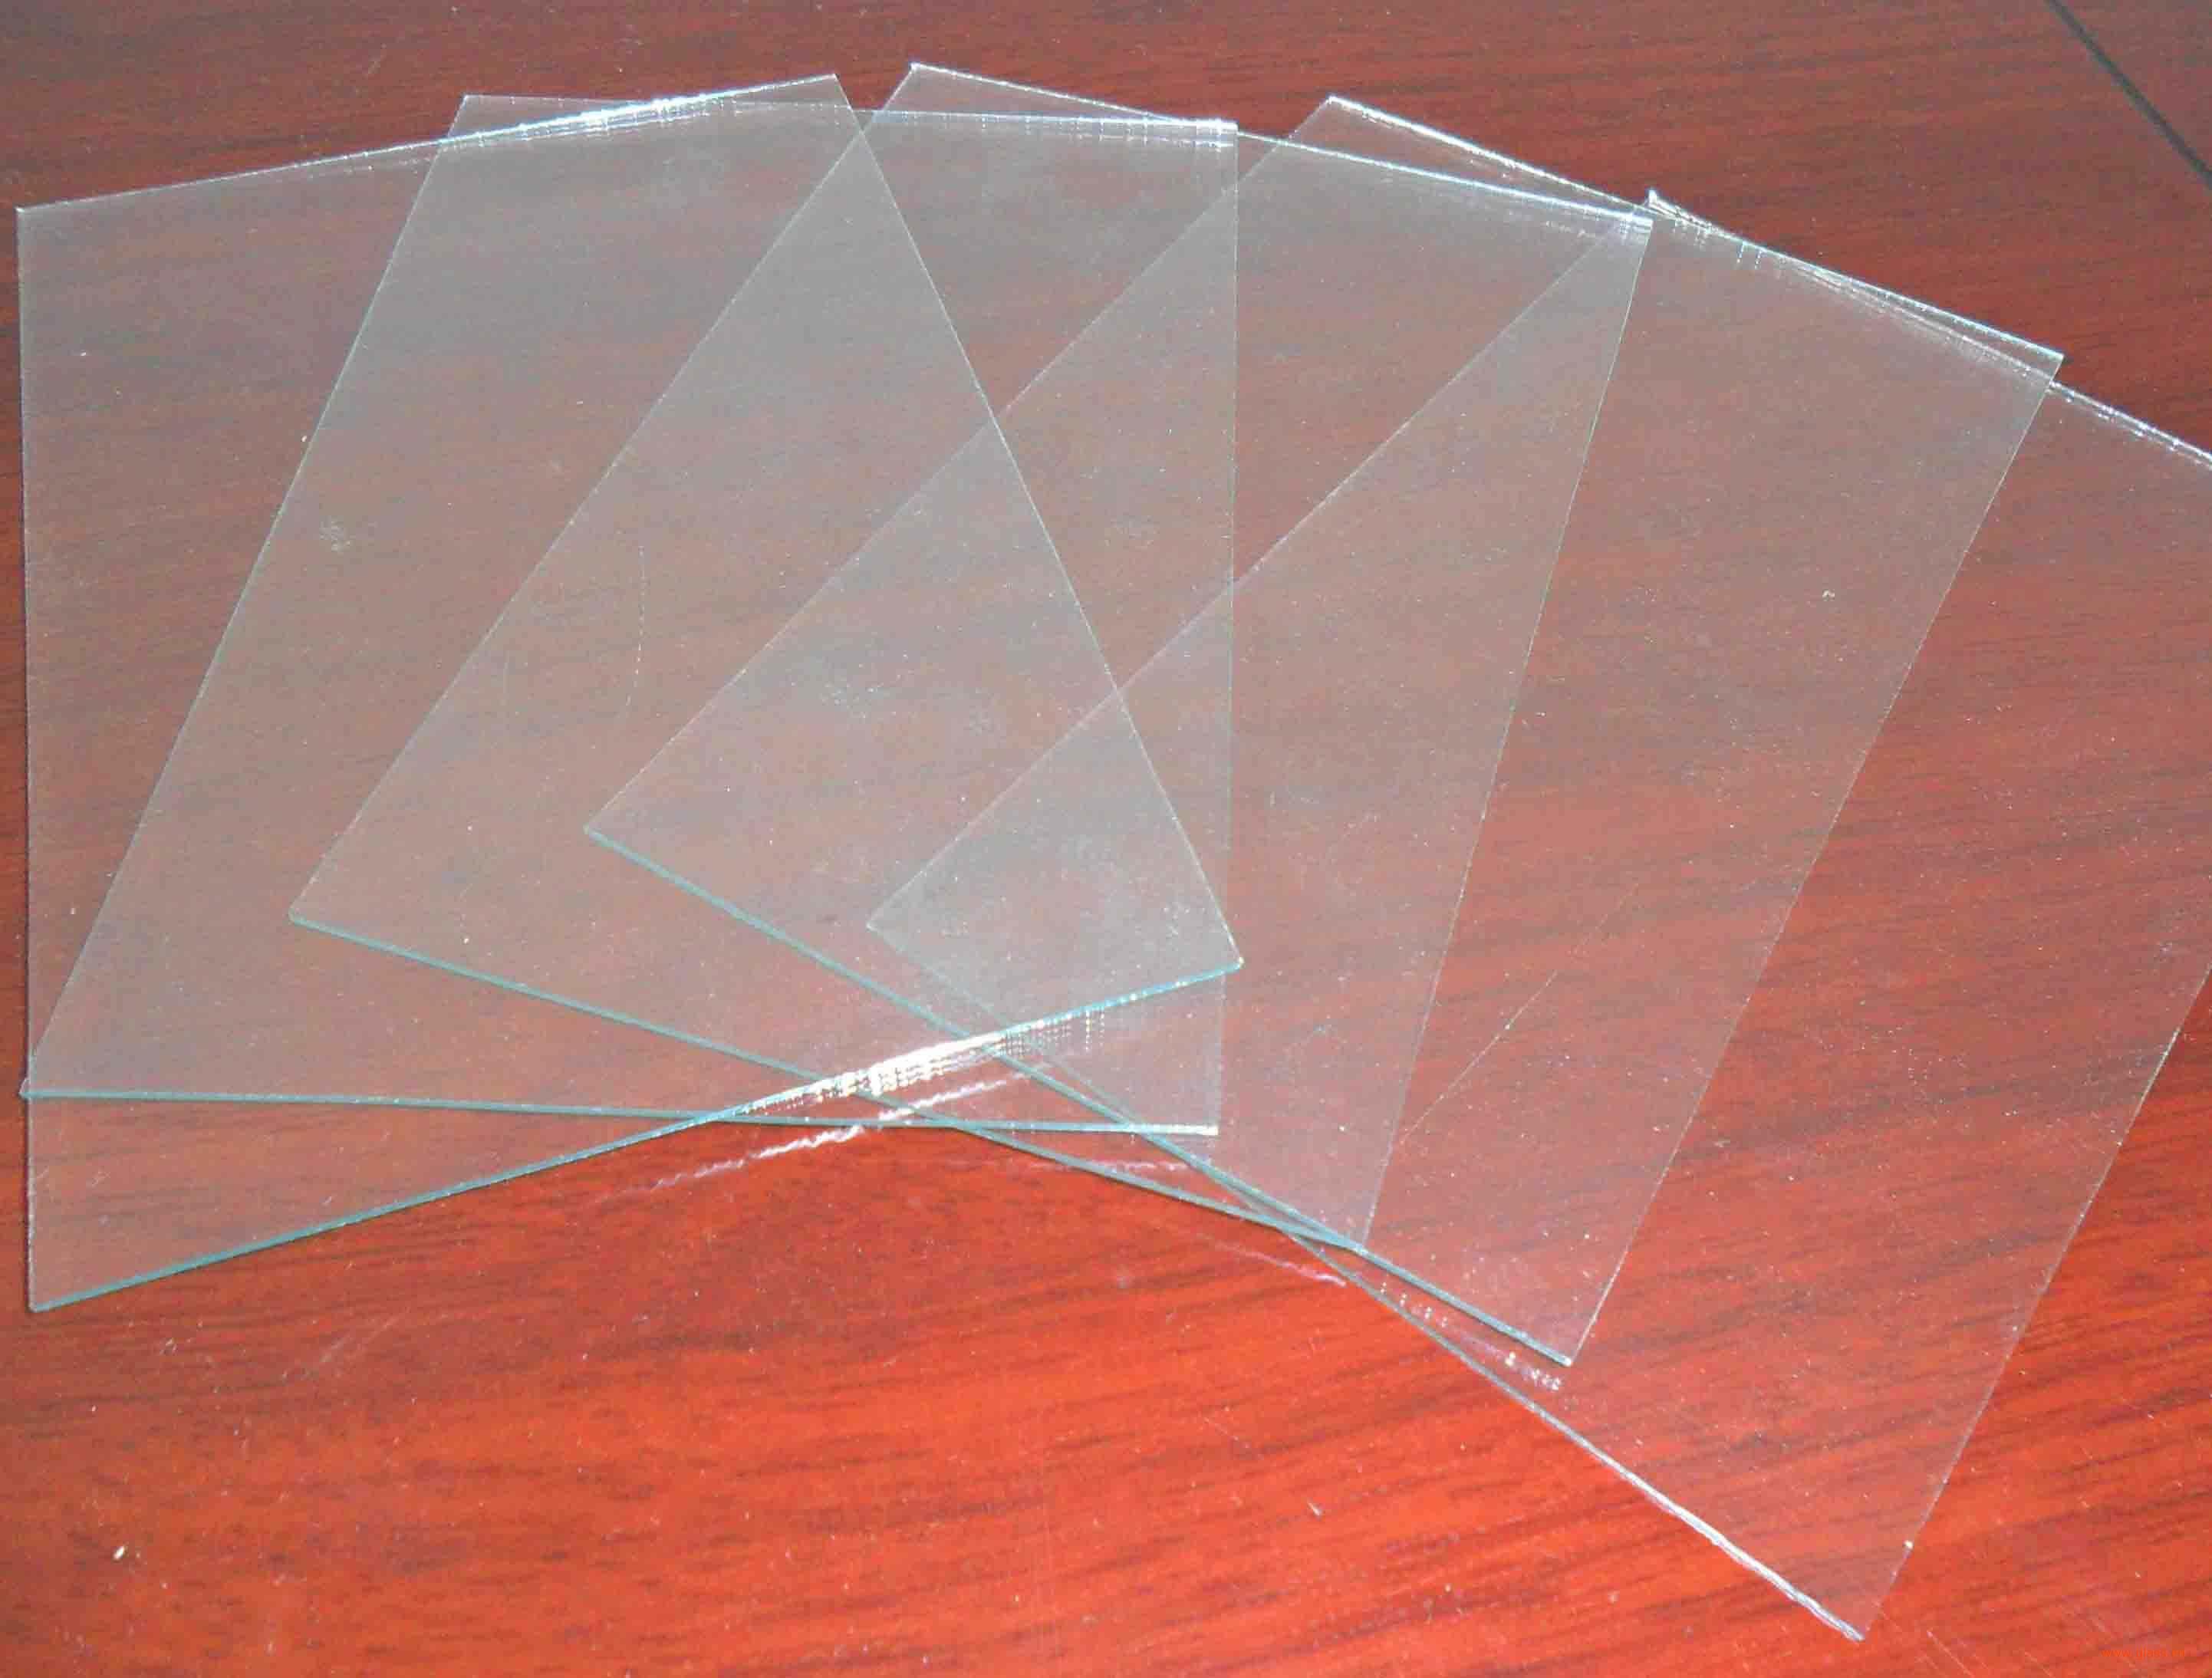 华北玻璃产能未有变动,厂家出库一般